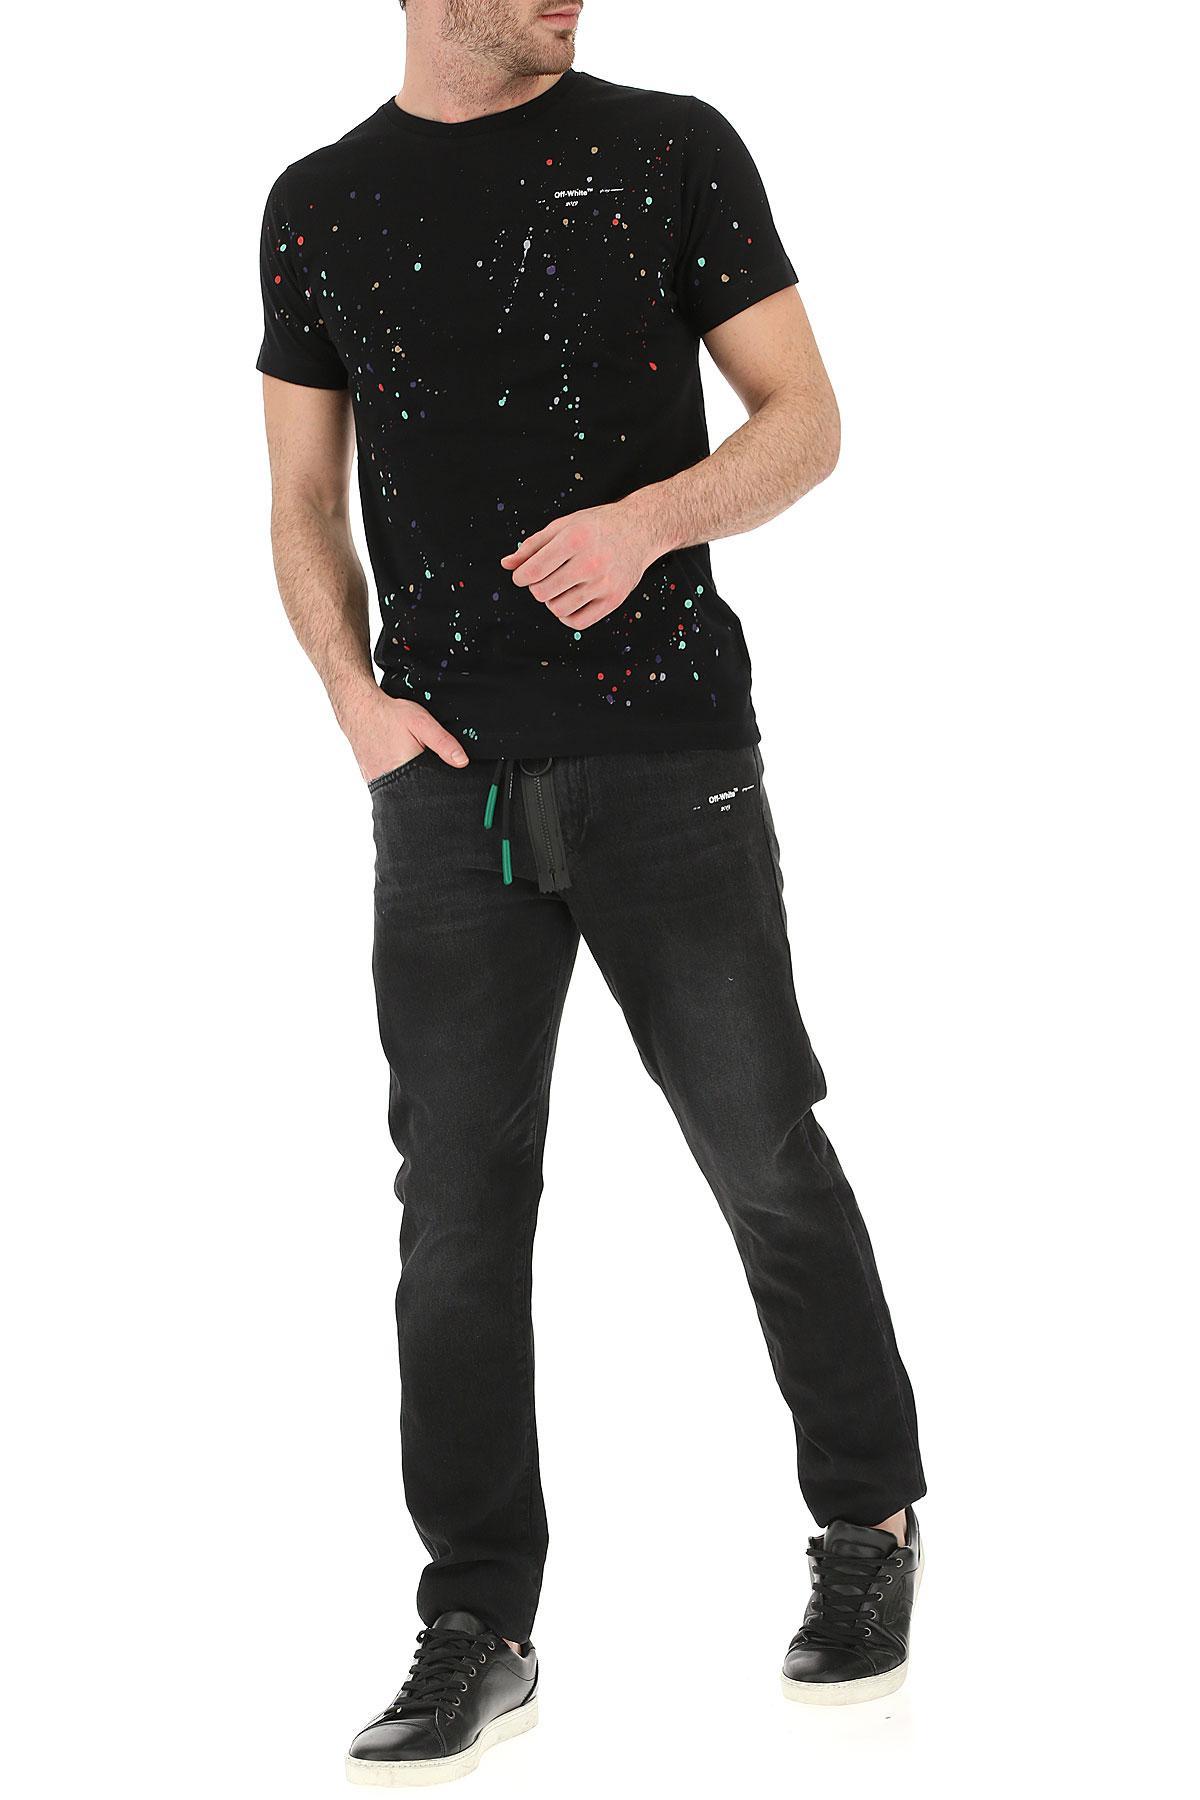 b2008841452e Lyst - Off-White C O Virgil Abloh Jeans in Black for Men